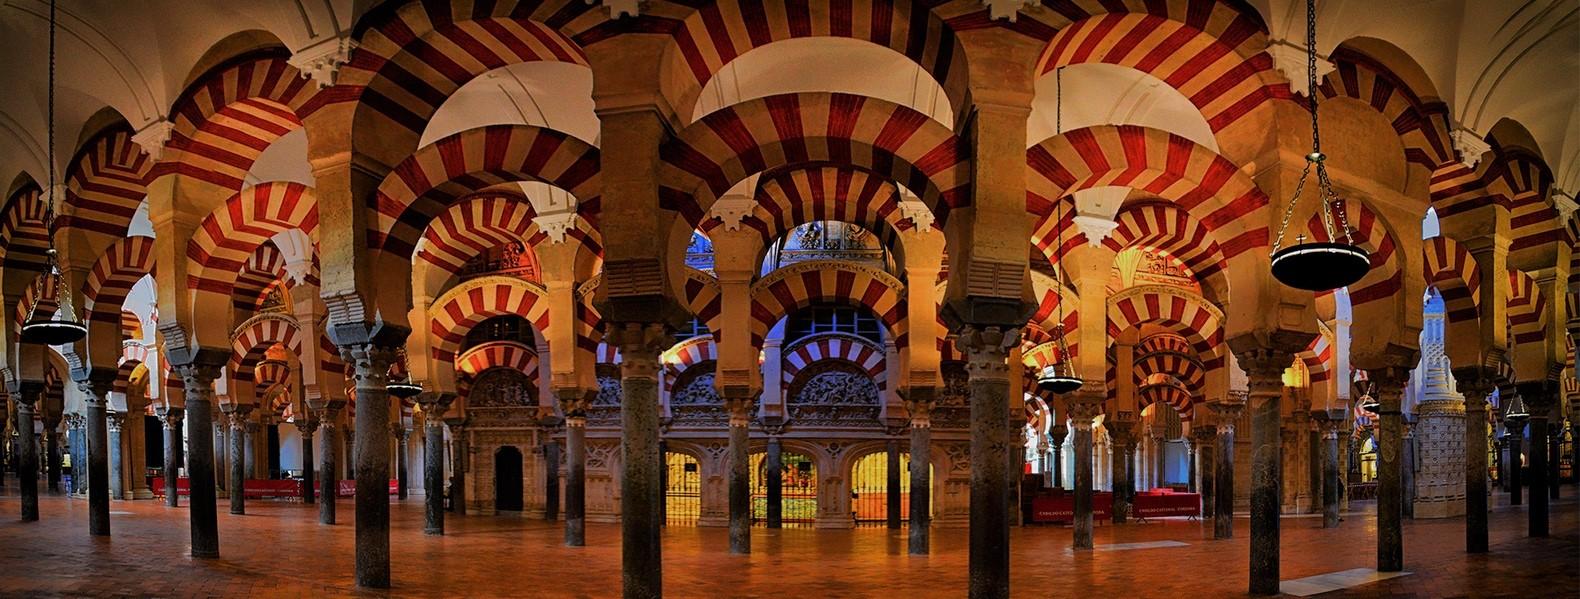 Córdoba Mesquita catedral